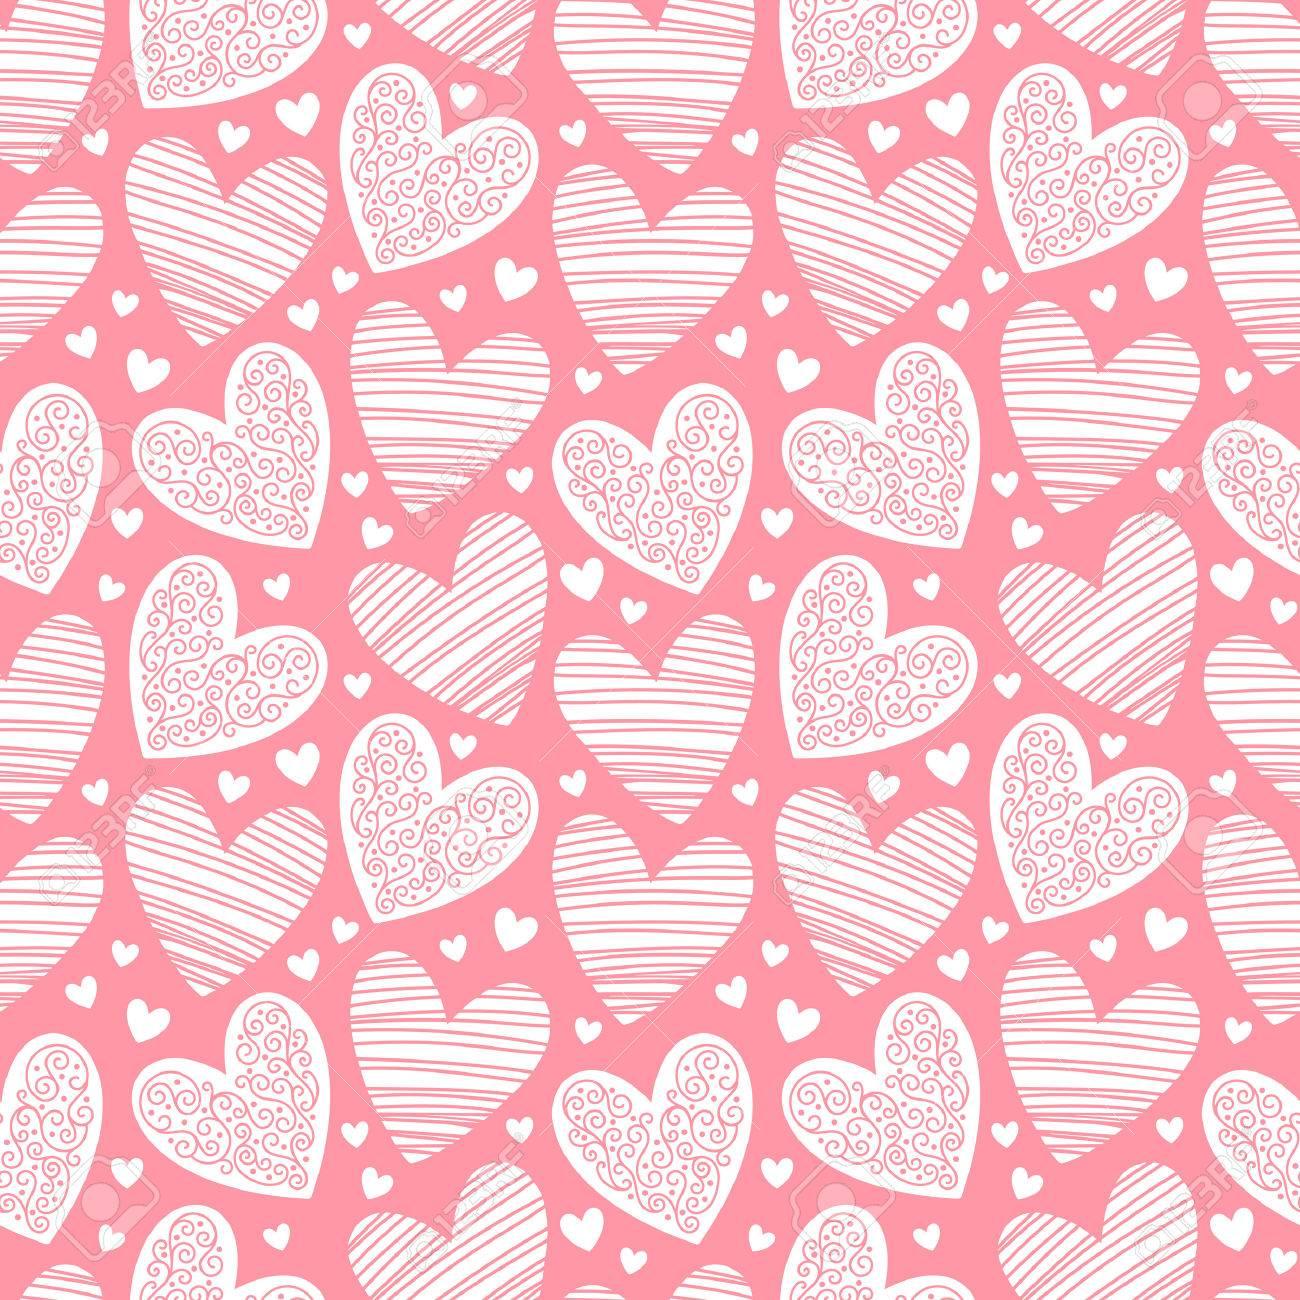 Vektorgrafiken Herz Muster Vektorbilder Herz